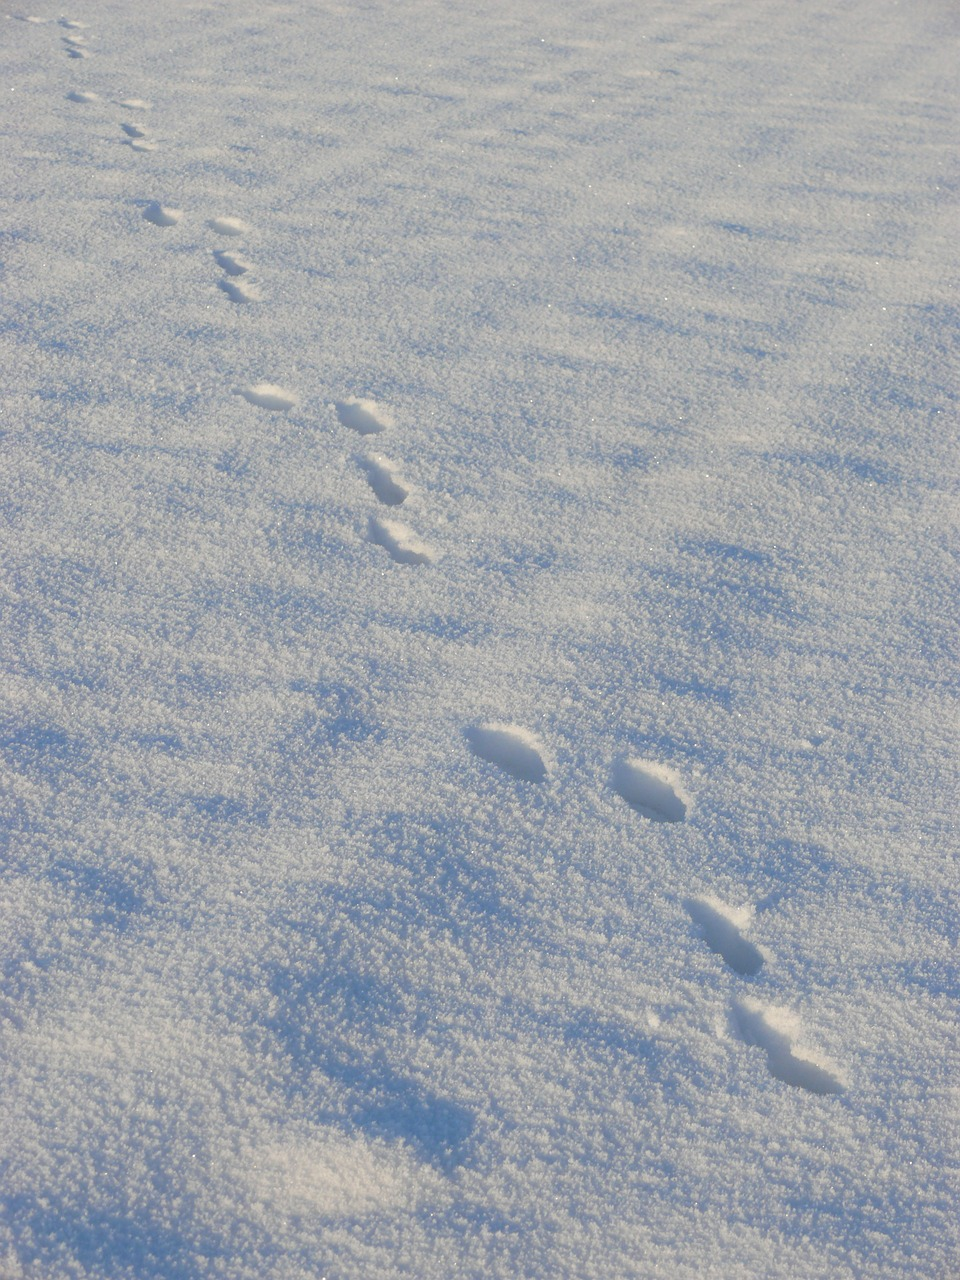 результате получается следы на снегу мужчины фото оговорюсь